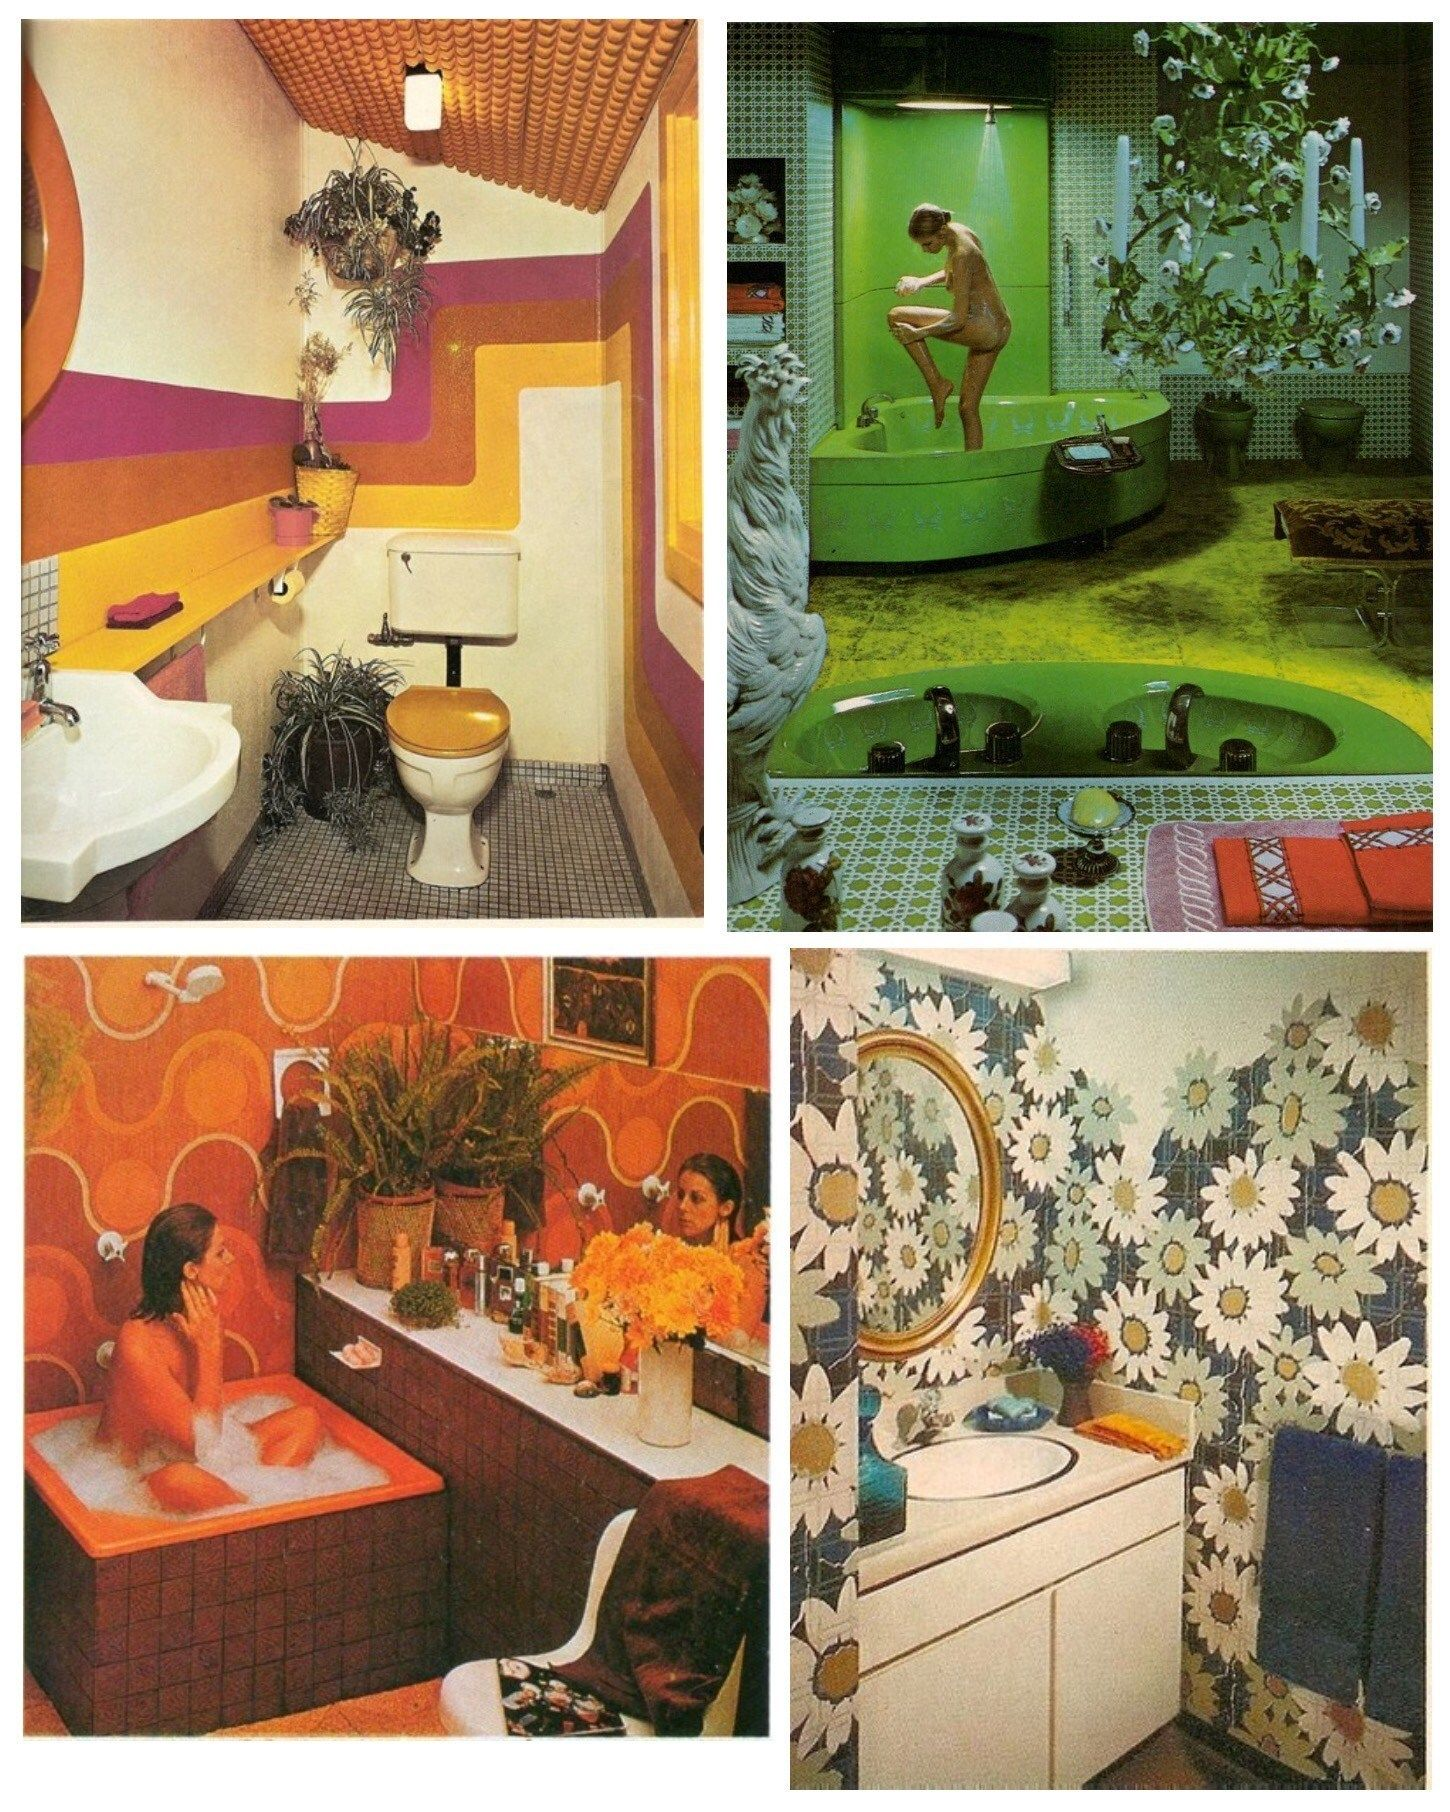 Bluehost Com 70s Home Decor Retro Bedrooms 70s Decor